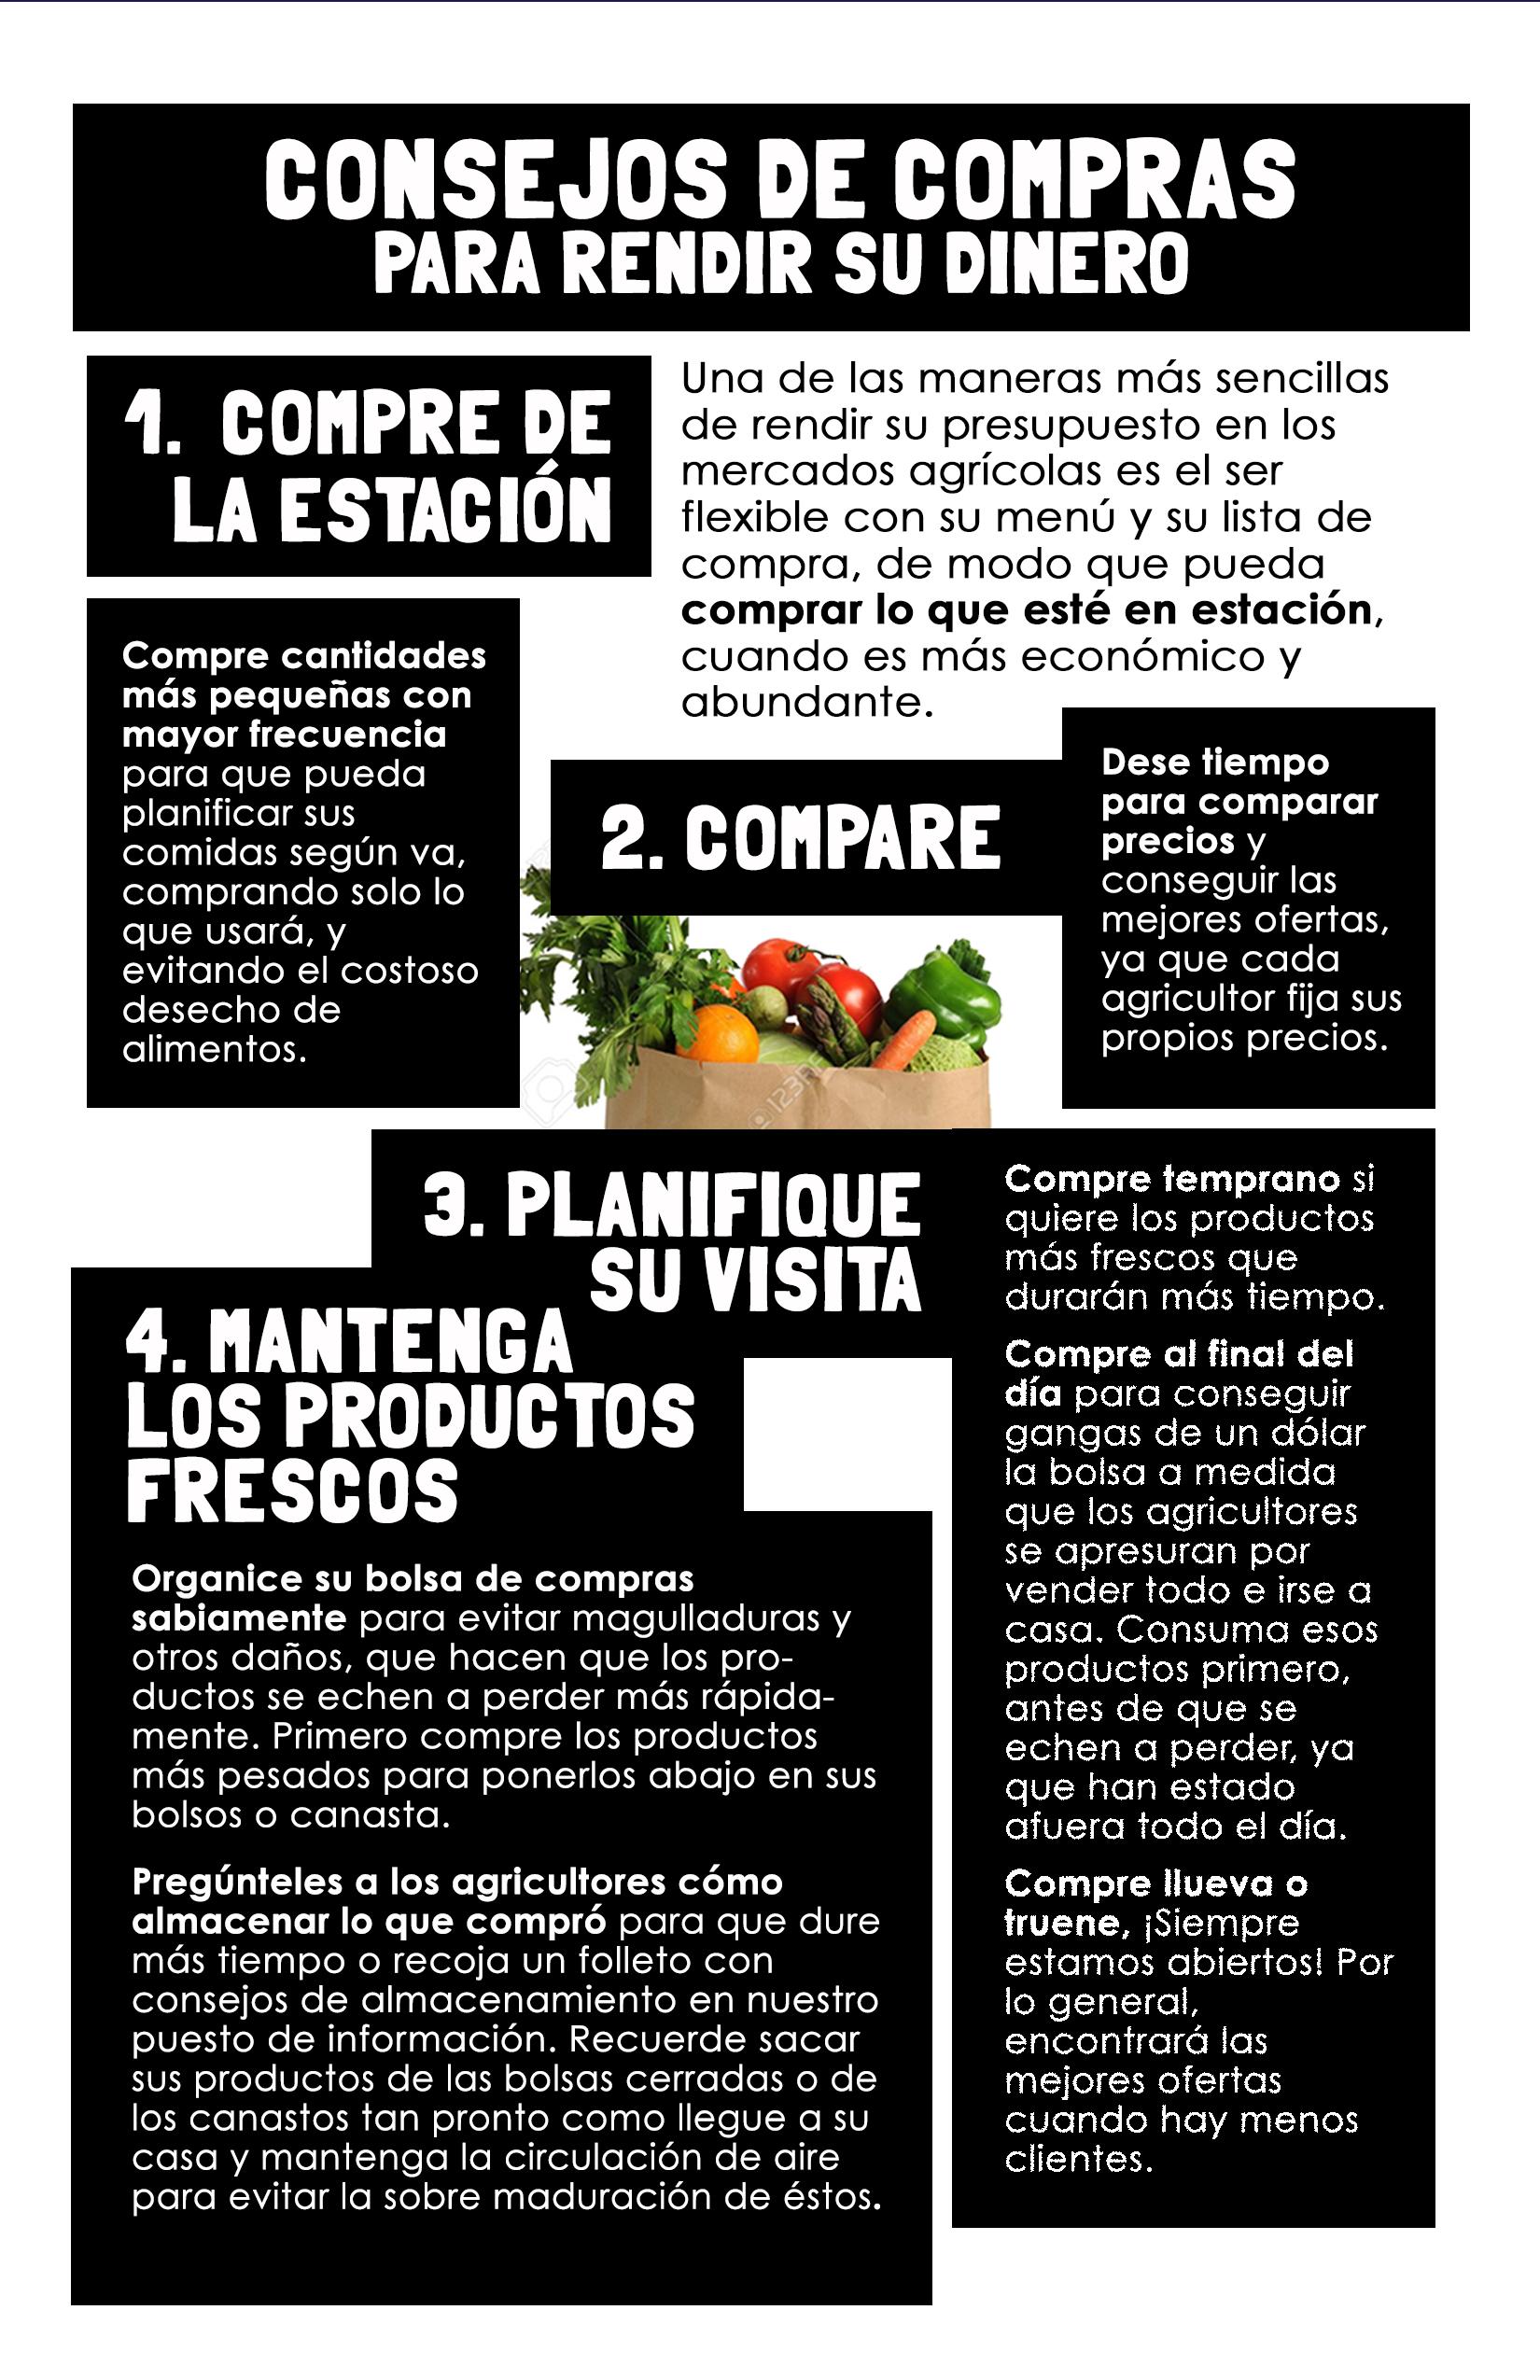 HOCFM Flier_Shopping Tips_Spanish.jpg